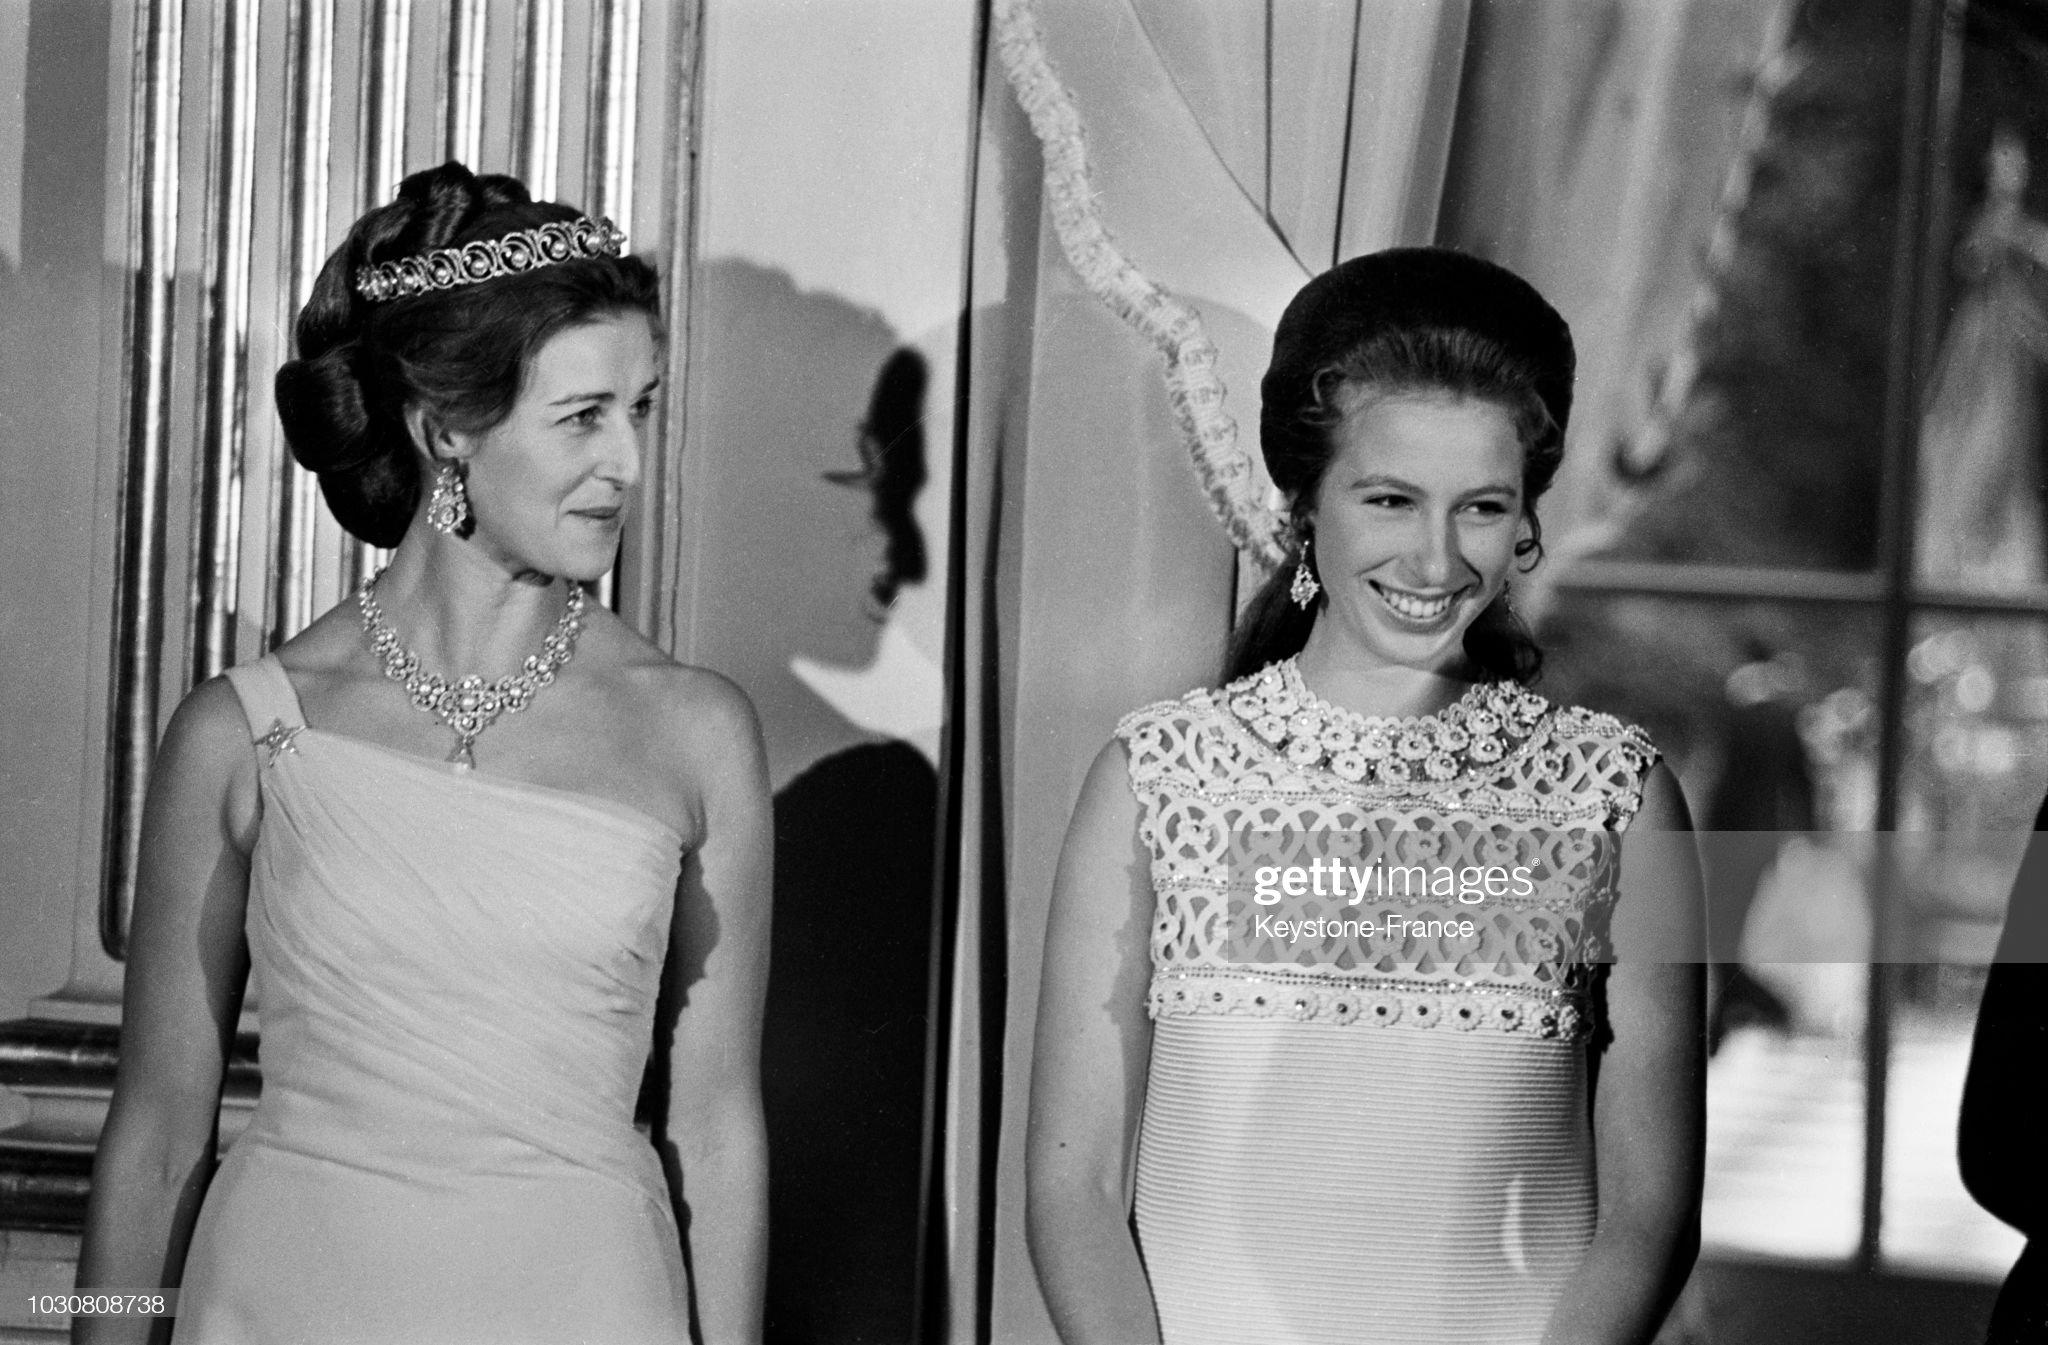 La princessse Anne au bal de l'ambassadeur de Grande-Bretagne à Paris : News Photo